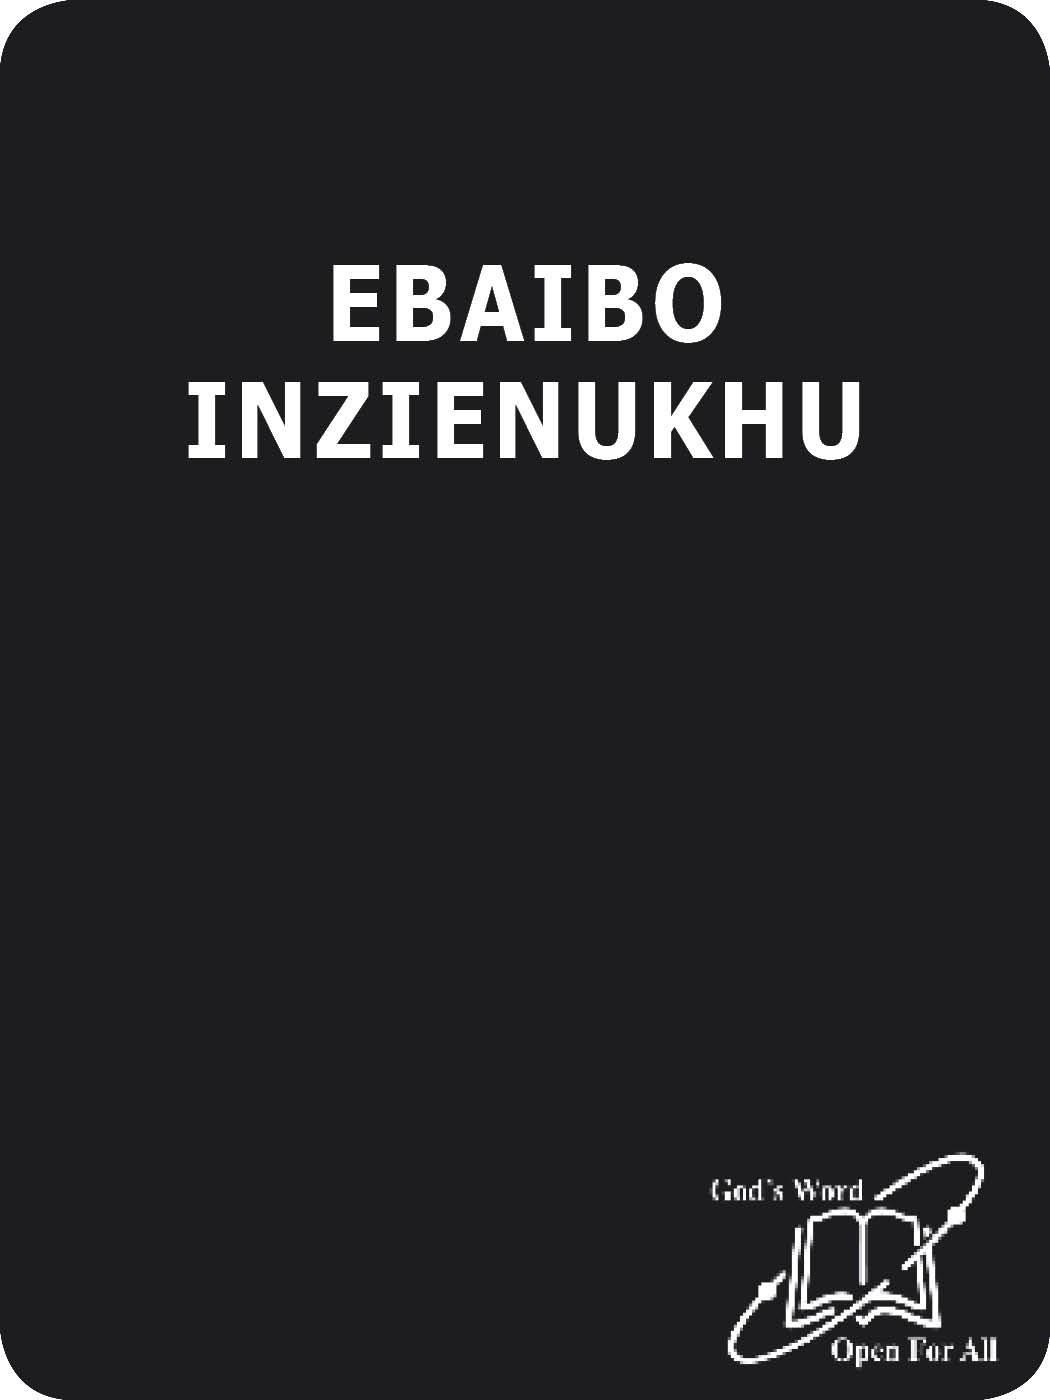 EBAIBO INZIENUKHU